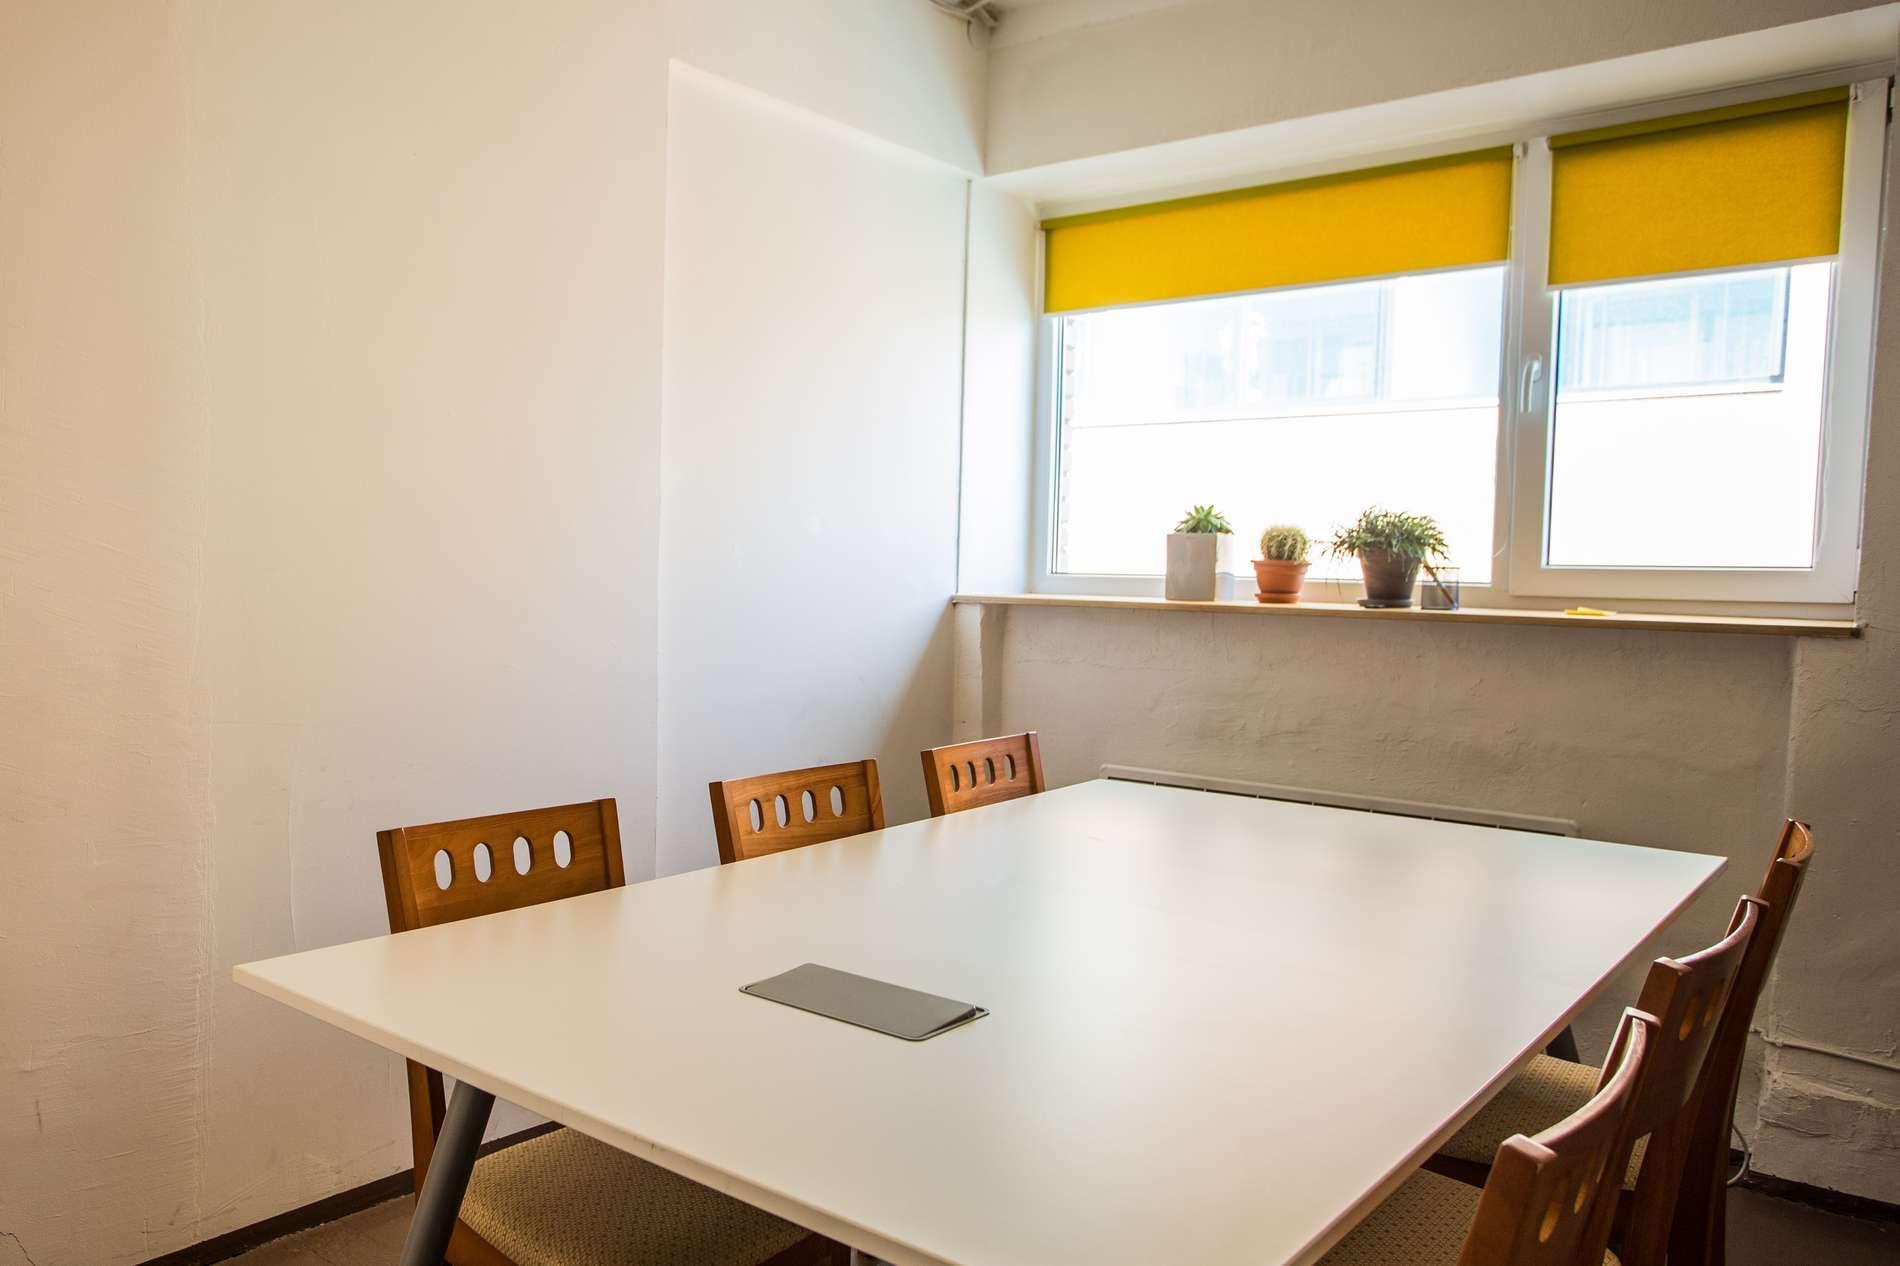 Telliskivi Creative City_meeting room_2017